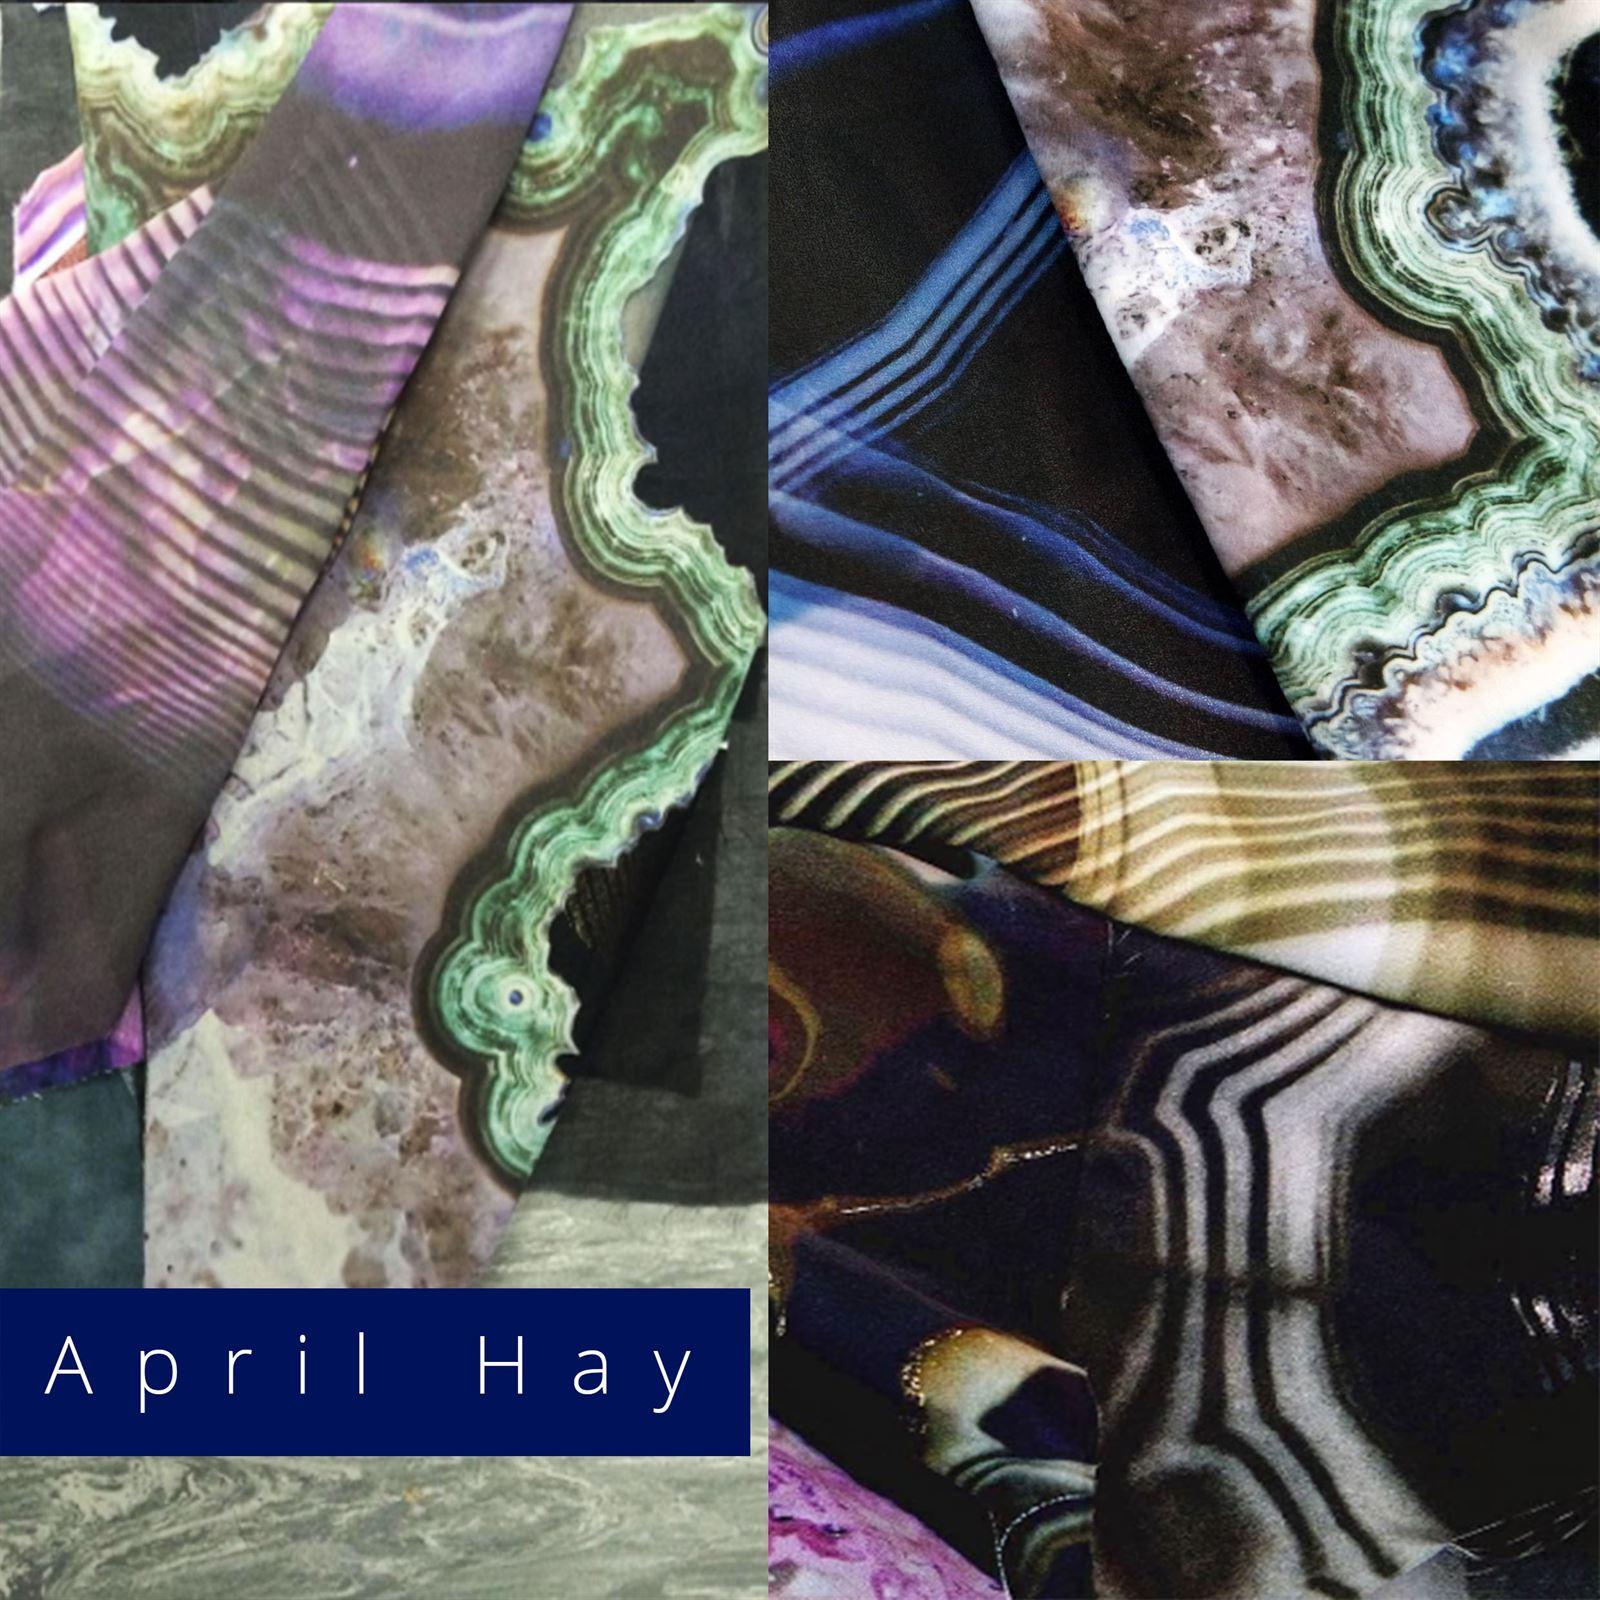 April Hay1